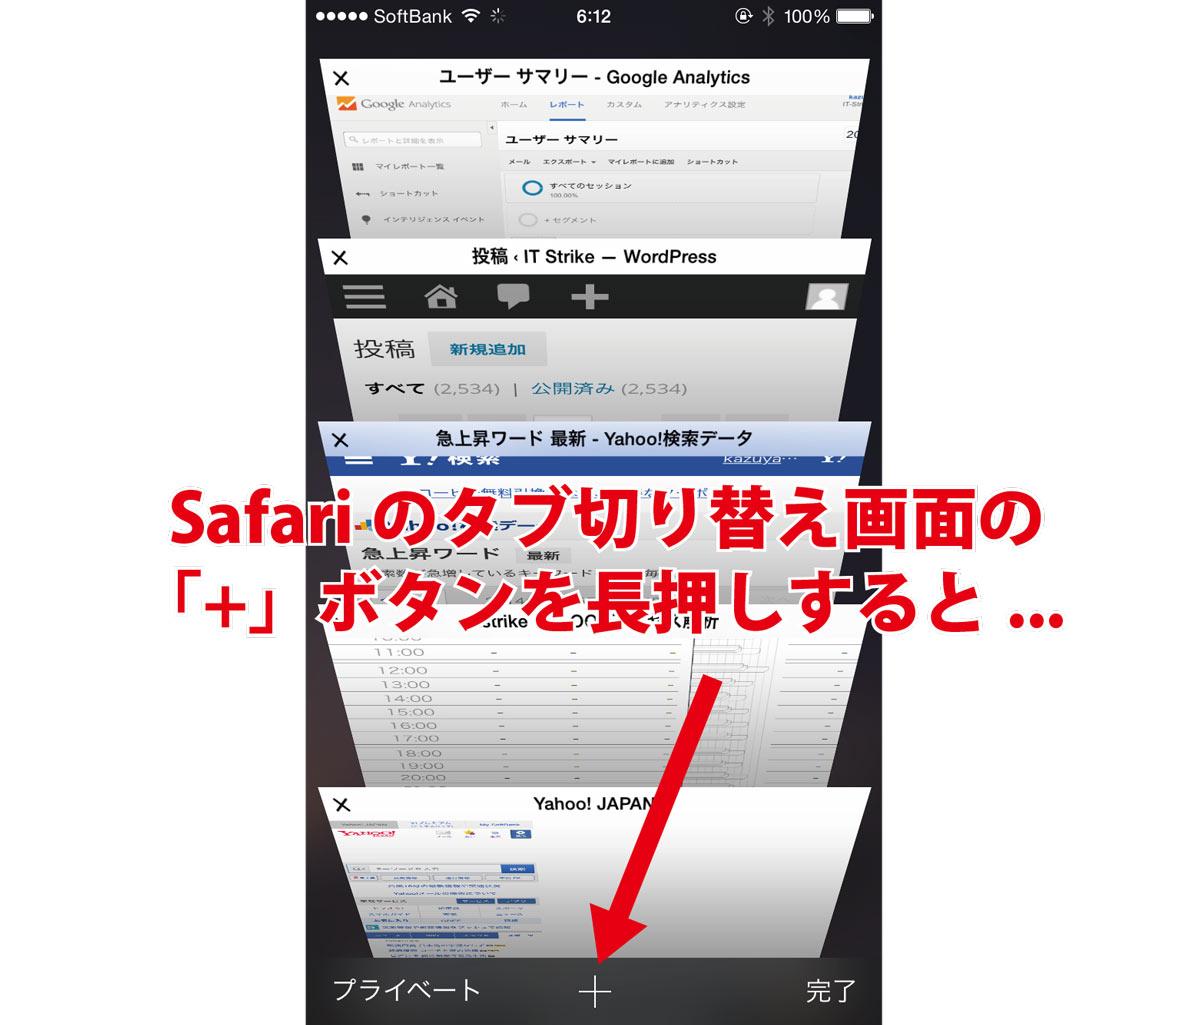 Safari +ボタン 長押し